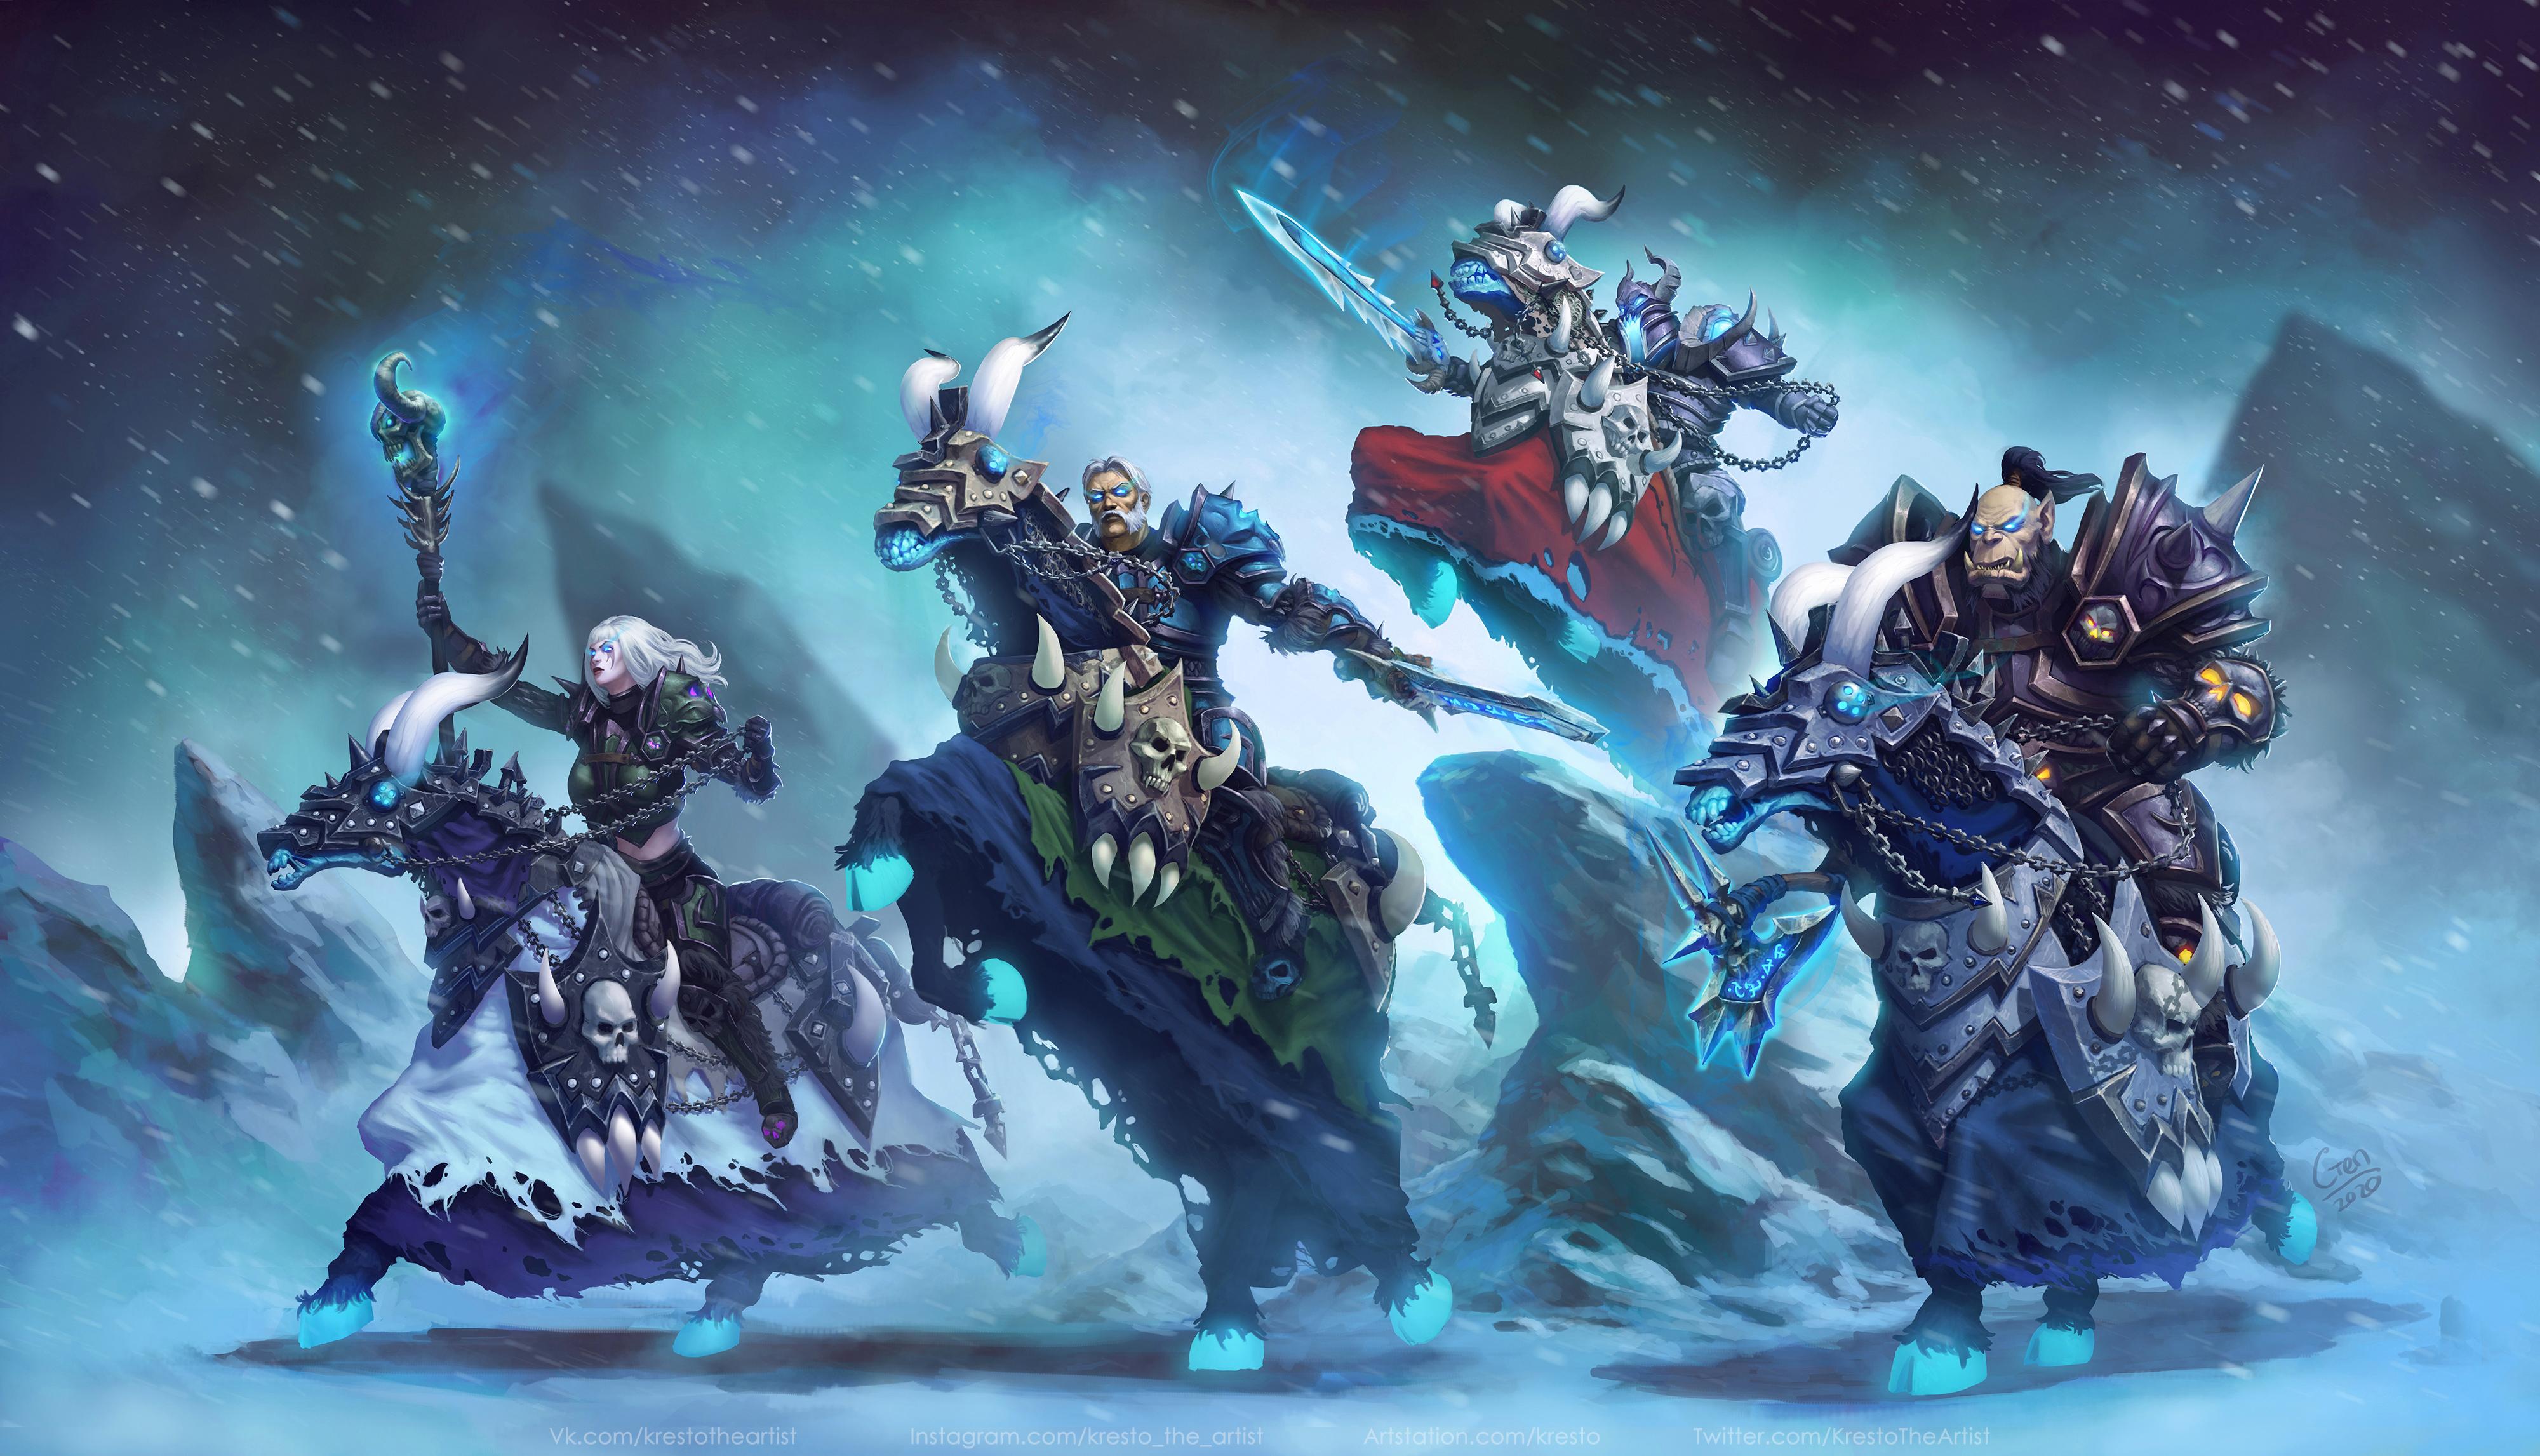 Frost Dk Wallpaper